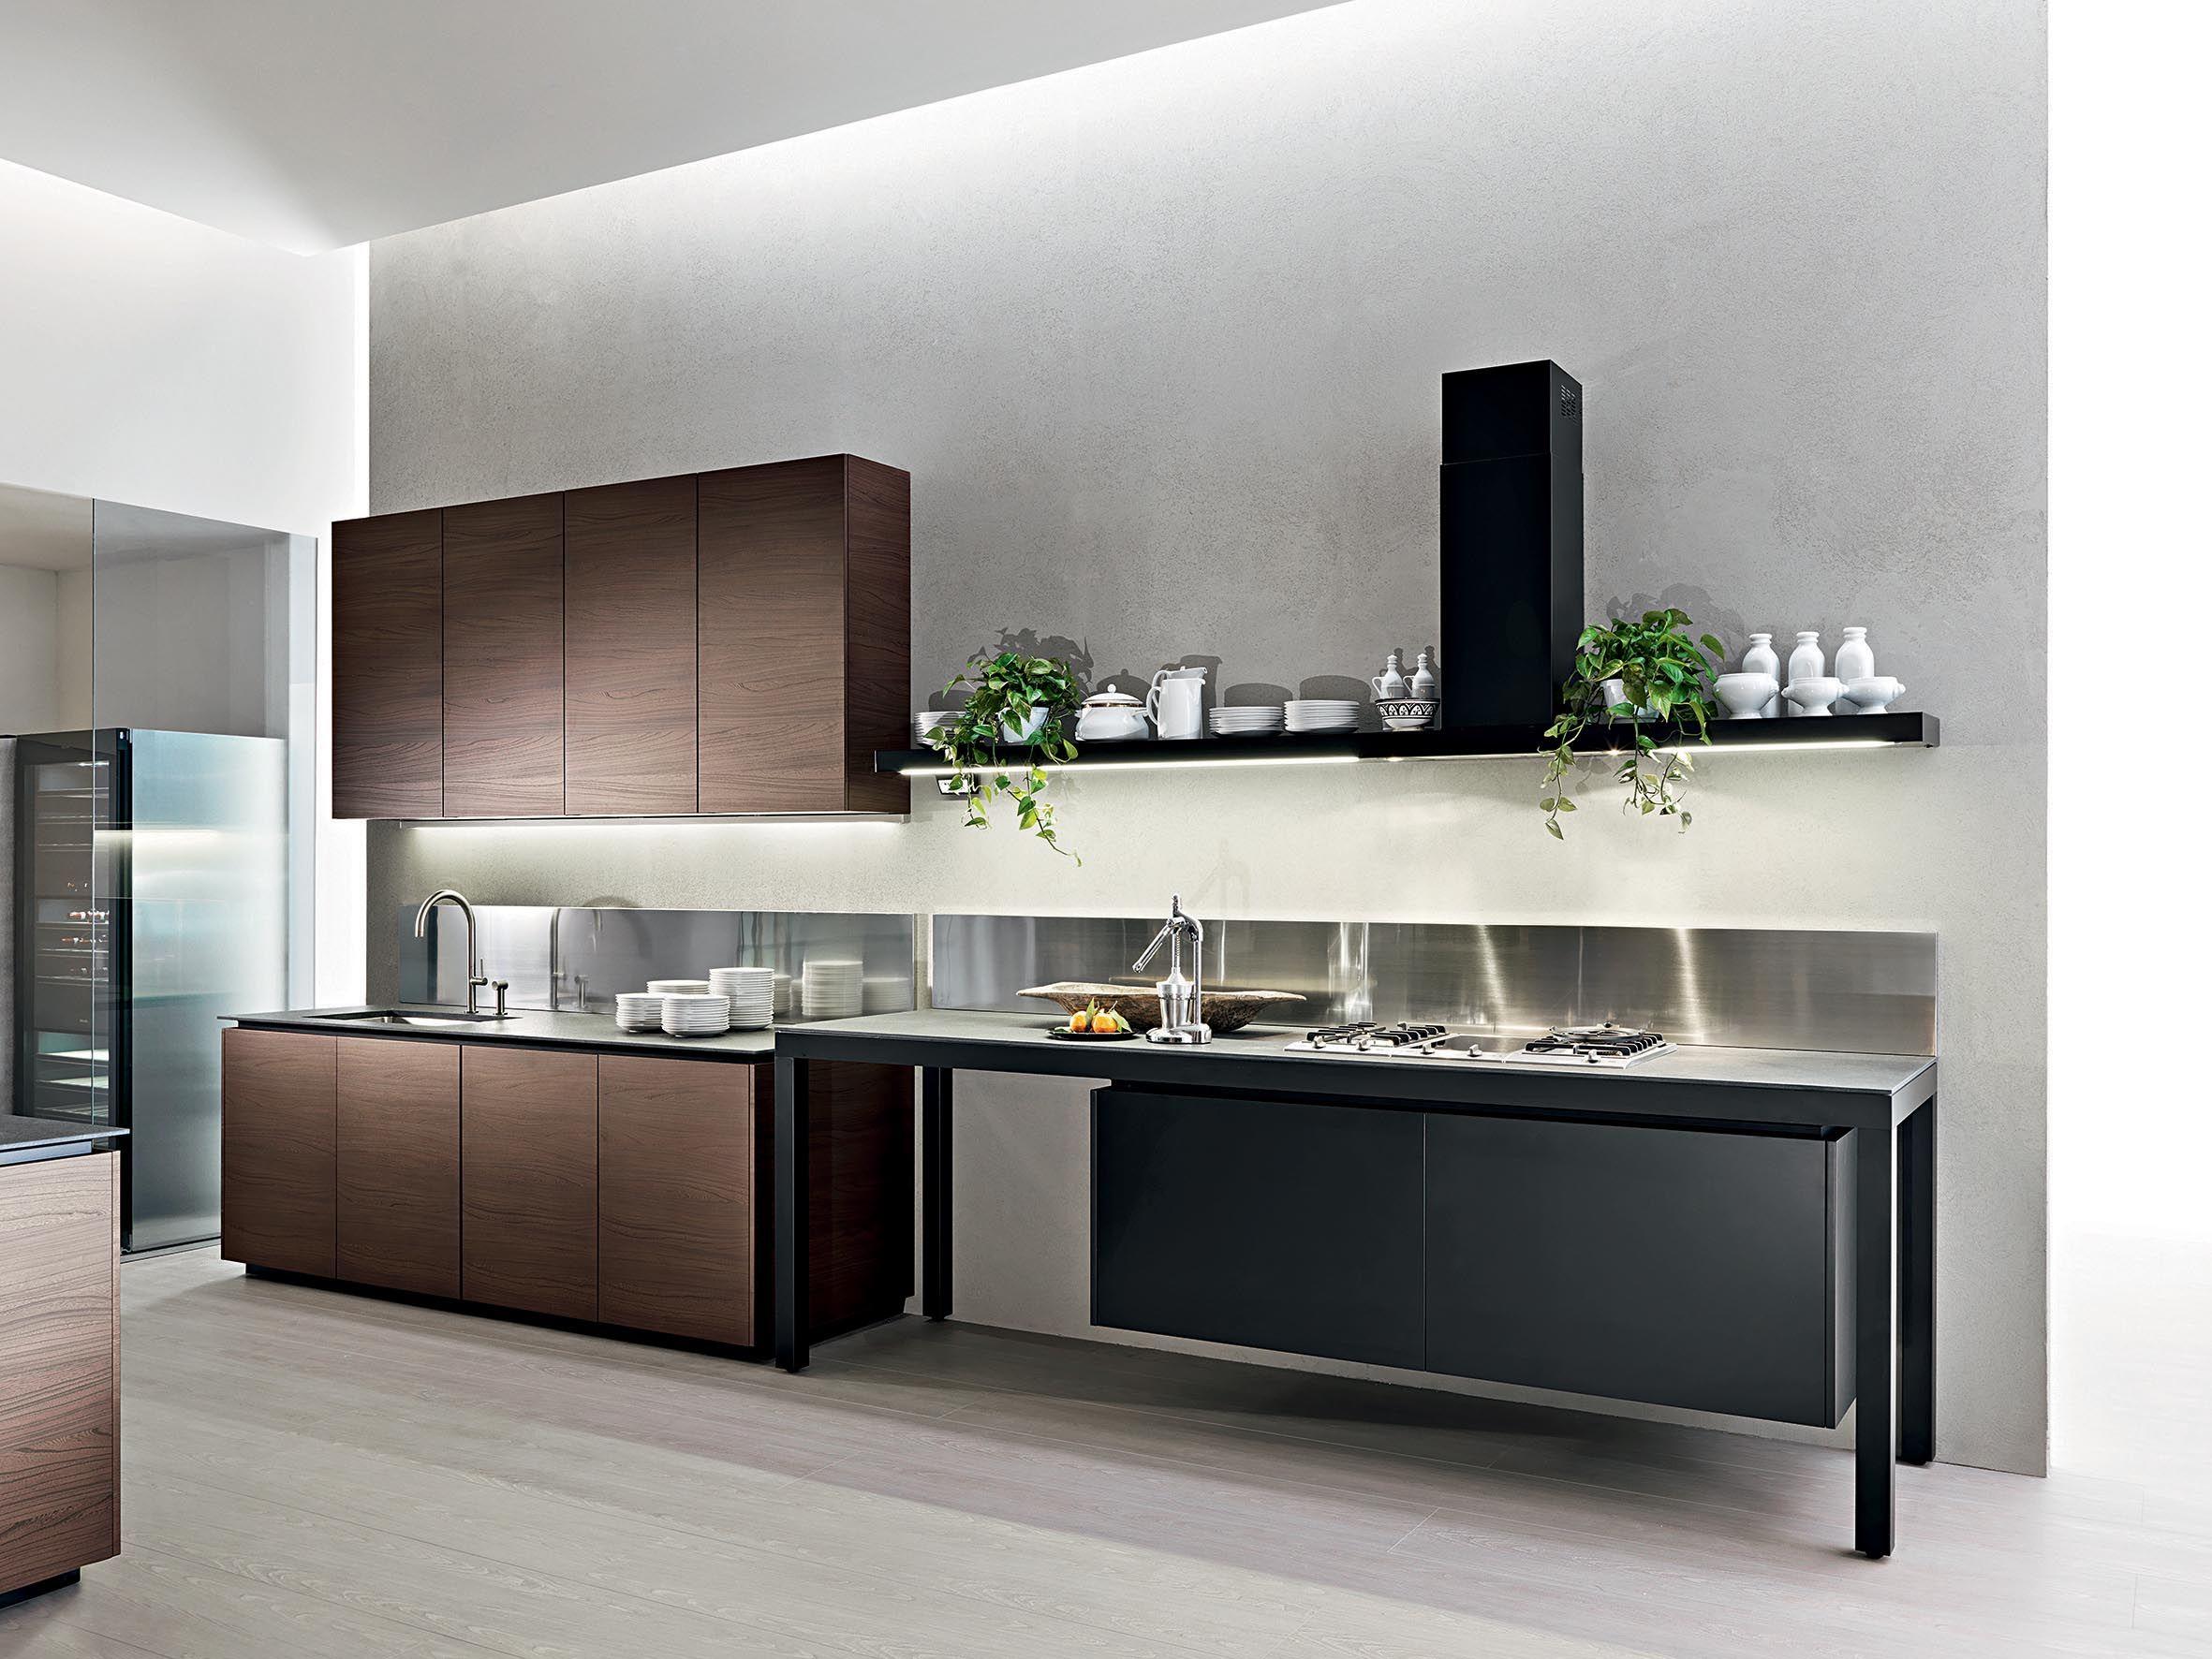 Banco   Dada · Moderne KüchenWohnenModerne ...